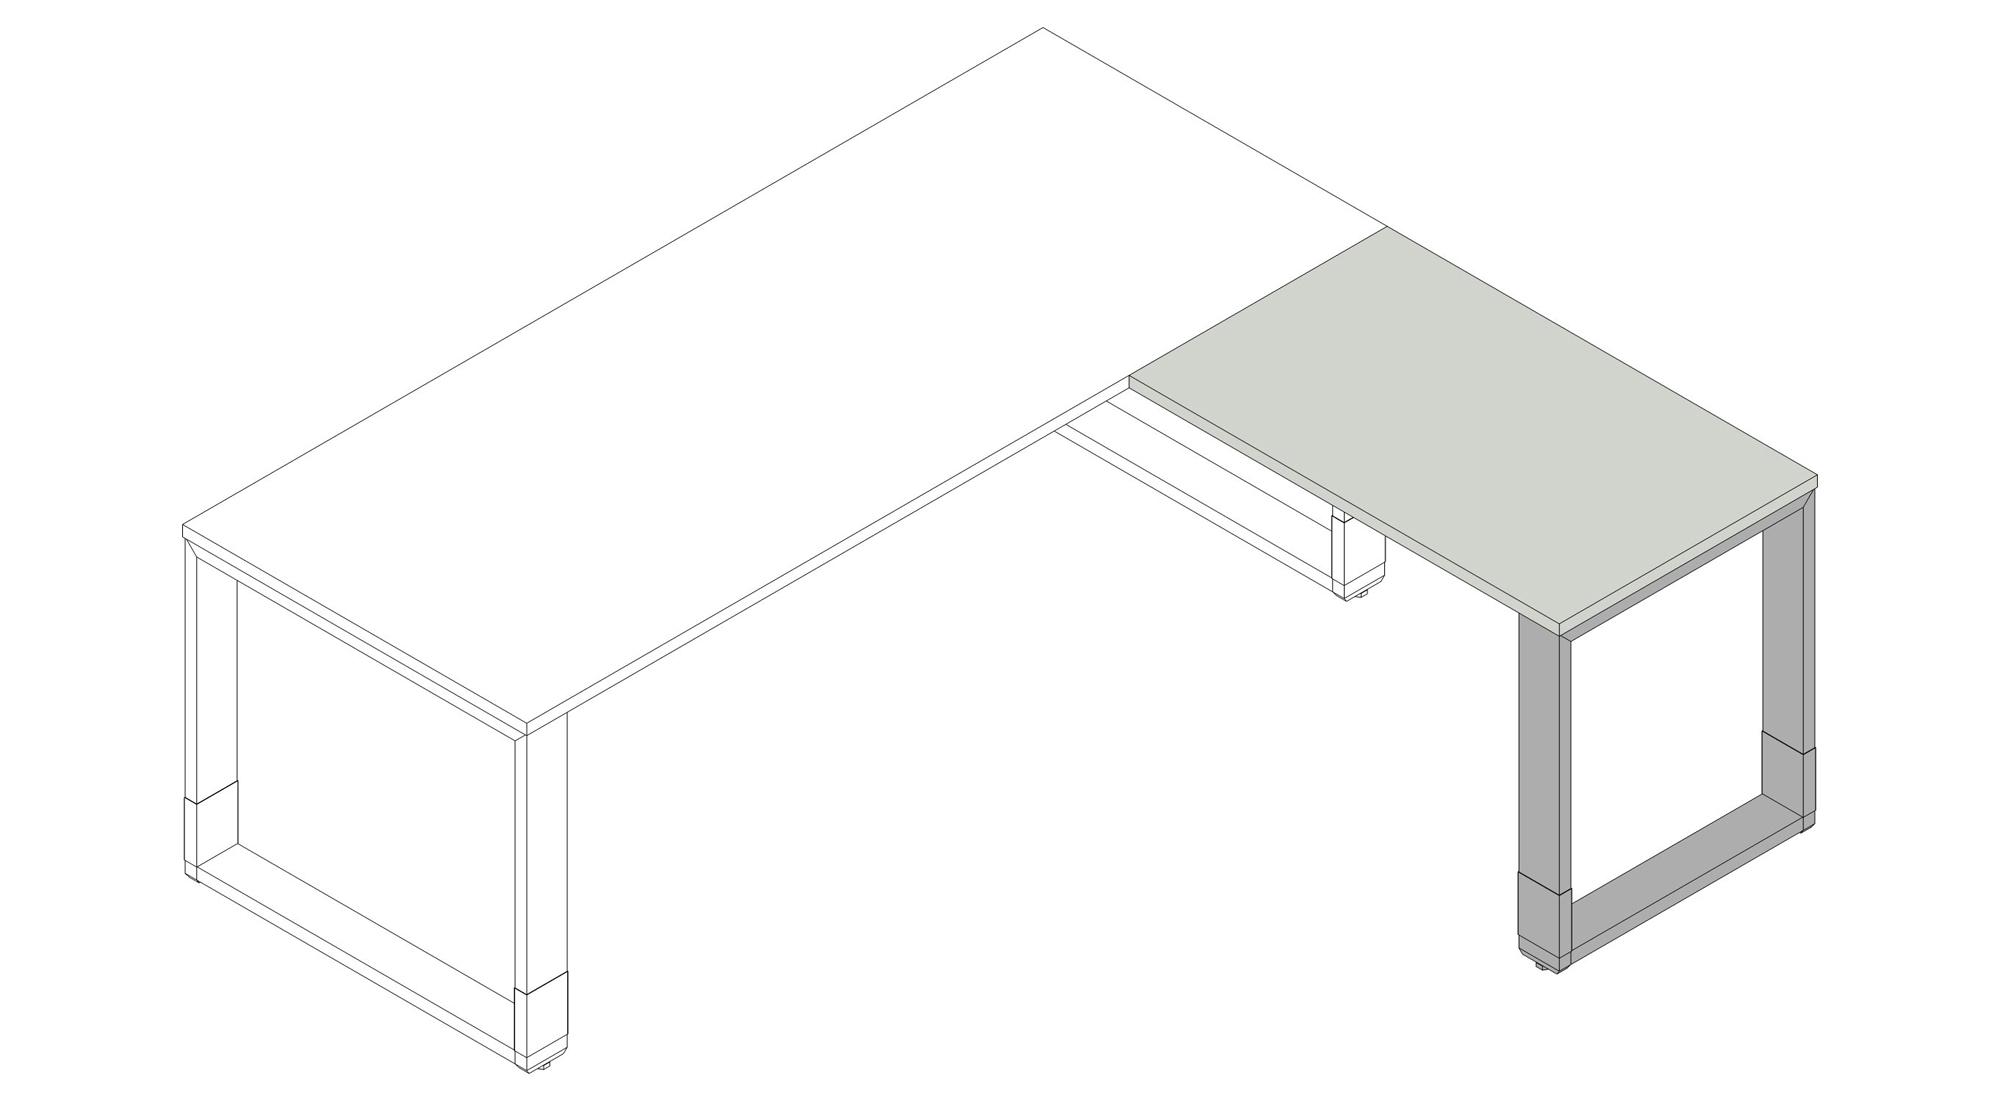 Ausgezeichnet Klain Büromöbel Zeitgenössisch - Schlafzimmer Ideen ...